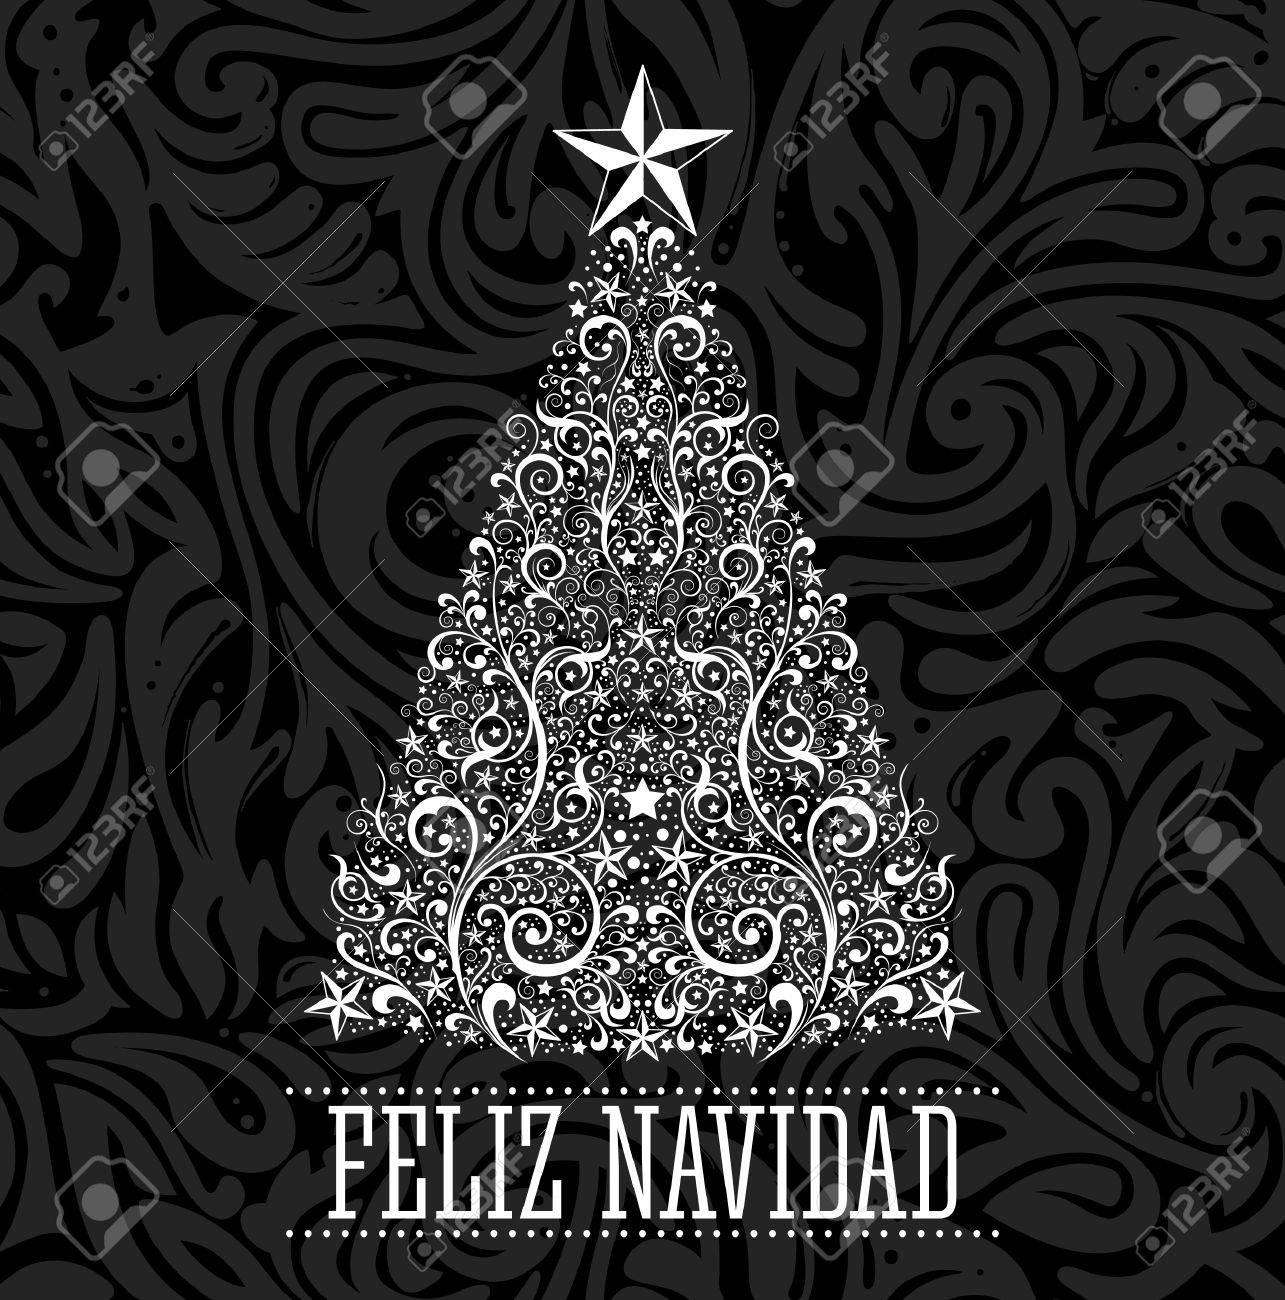 Feliz Navidad Joyeux Noel Espagnol Carte De Texte Vecteur